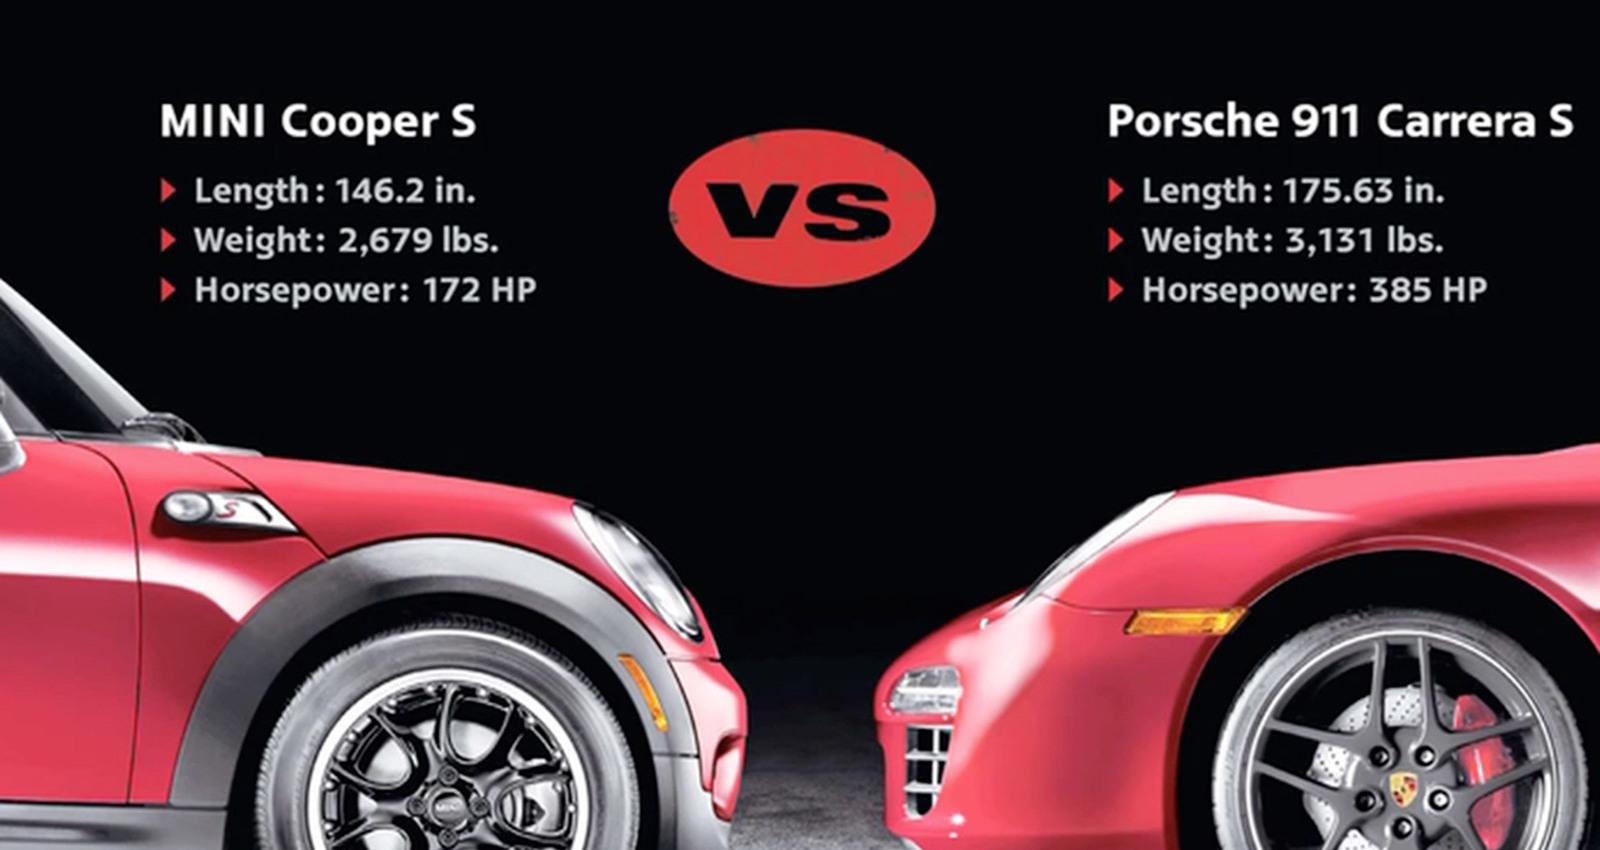 MIN vs Porsche